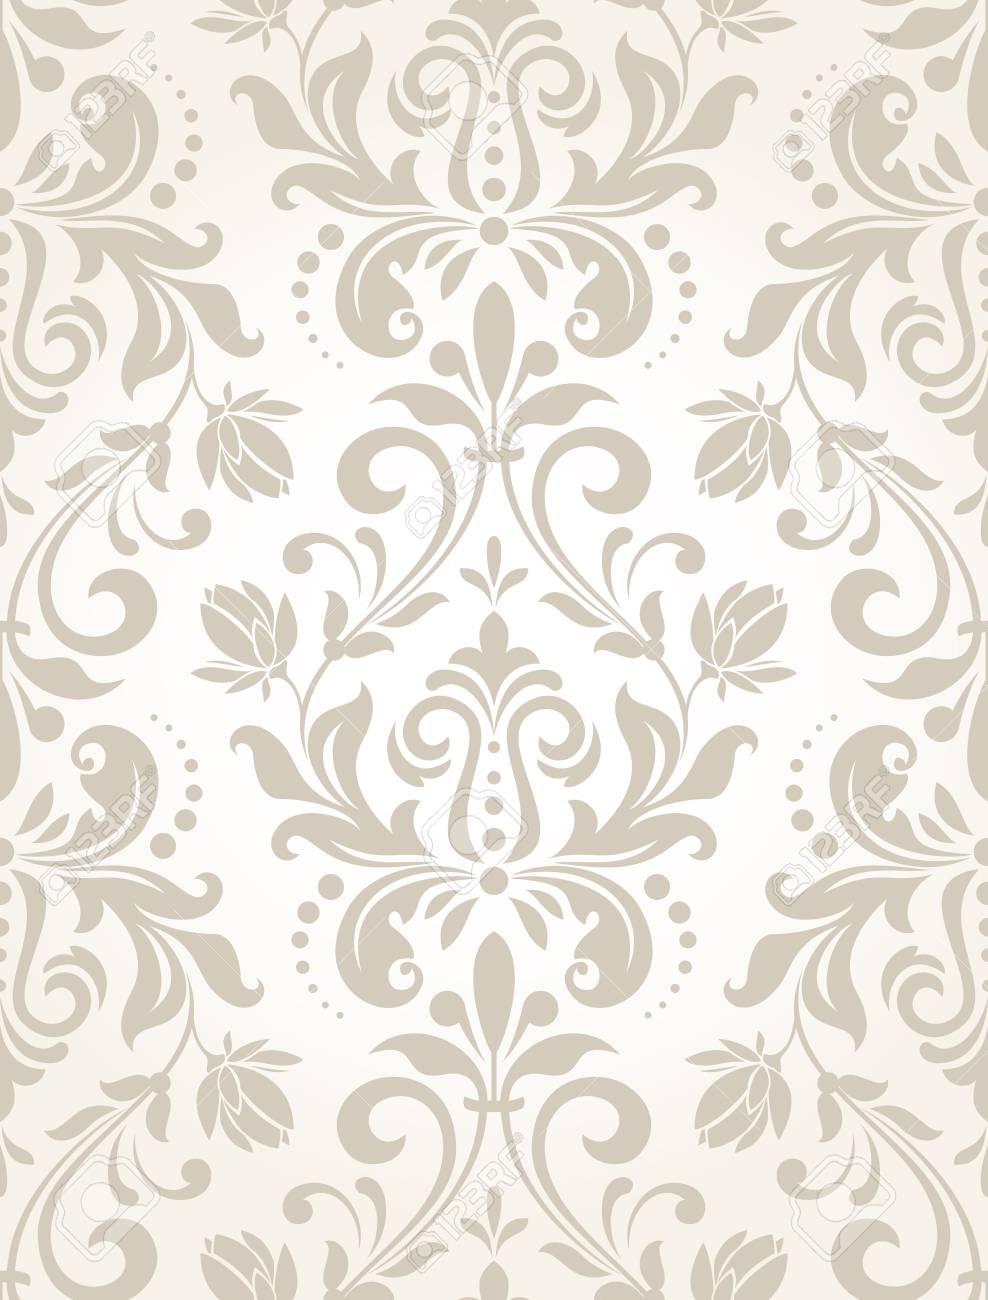 Carta Da Parati Stile Barocco.Vettoriale Carta Da Parati In Stile Barocco Uno Sfondo Vettoriale Senza Soluzione Di Continuita Ornamento Floreale Bianco E Grigio Motivo Grafico Vettoriale Image 97574790